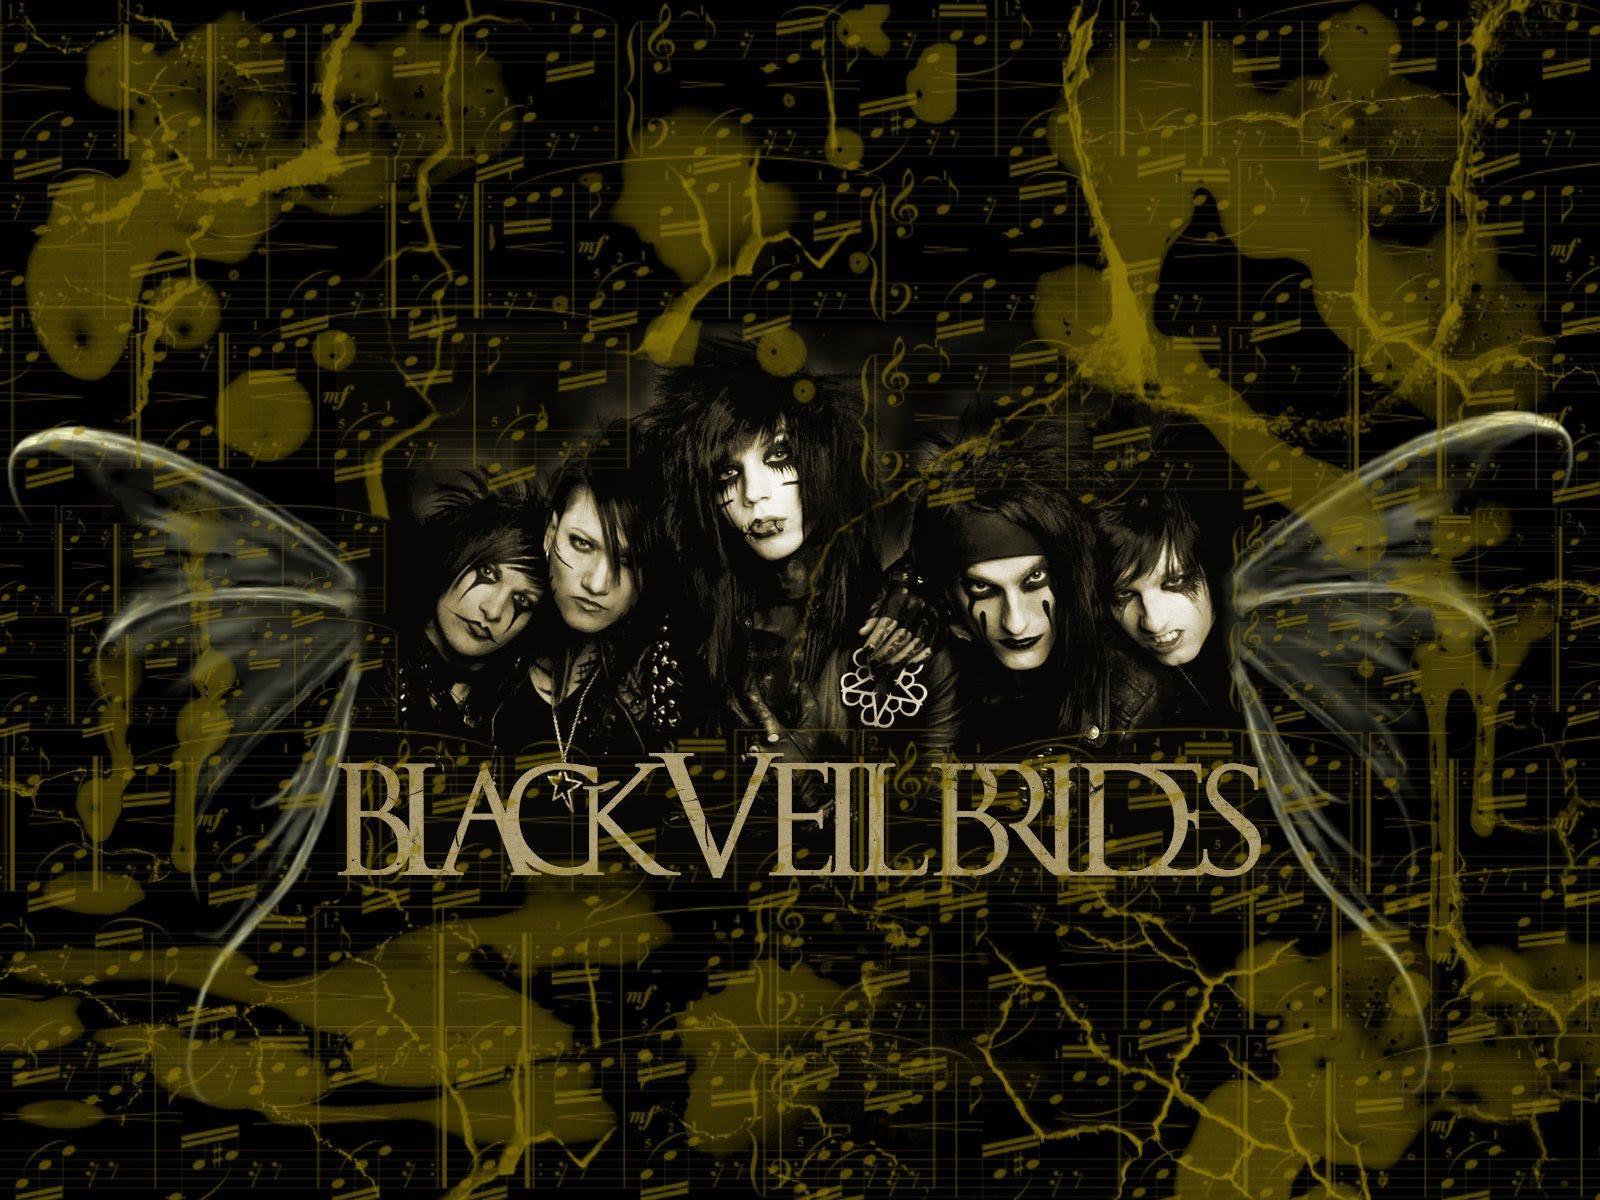 Black Veil Brides Wallpaper 1600x1200 80429